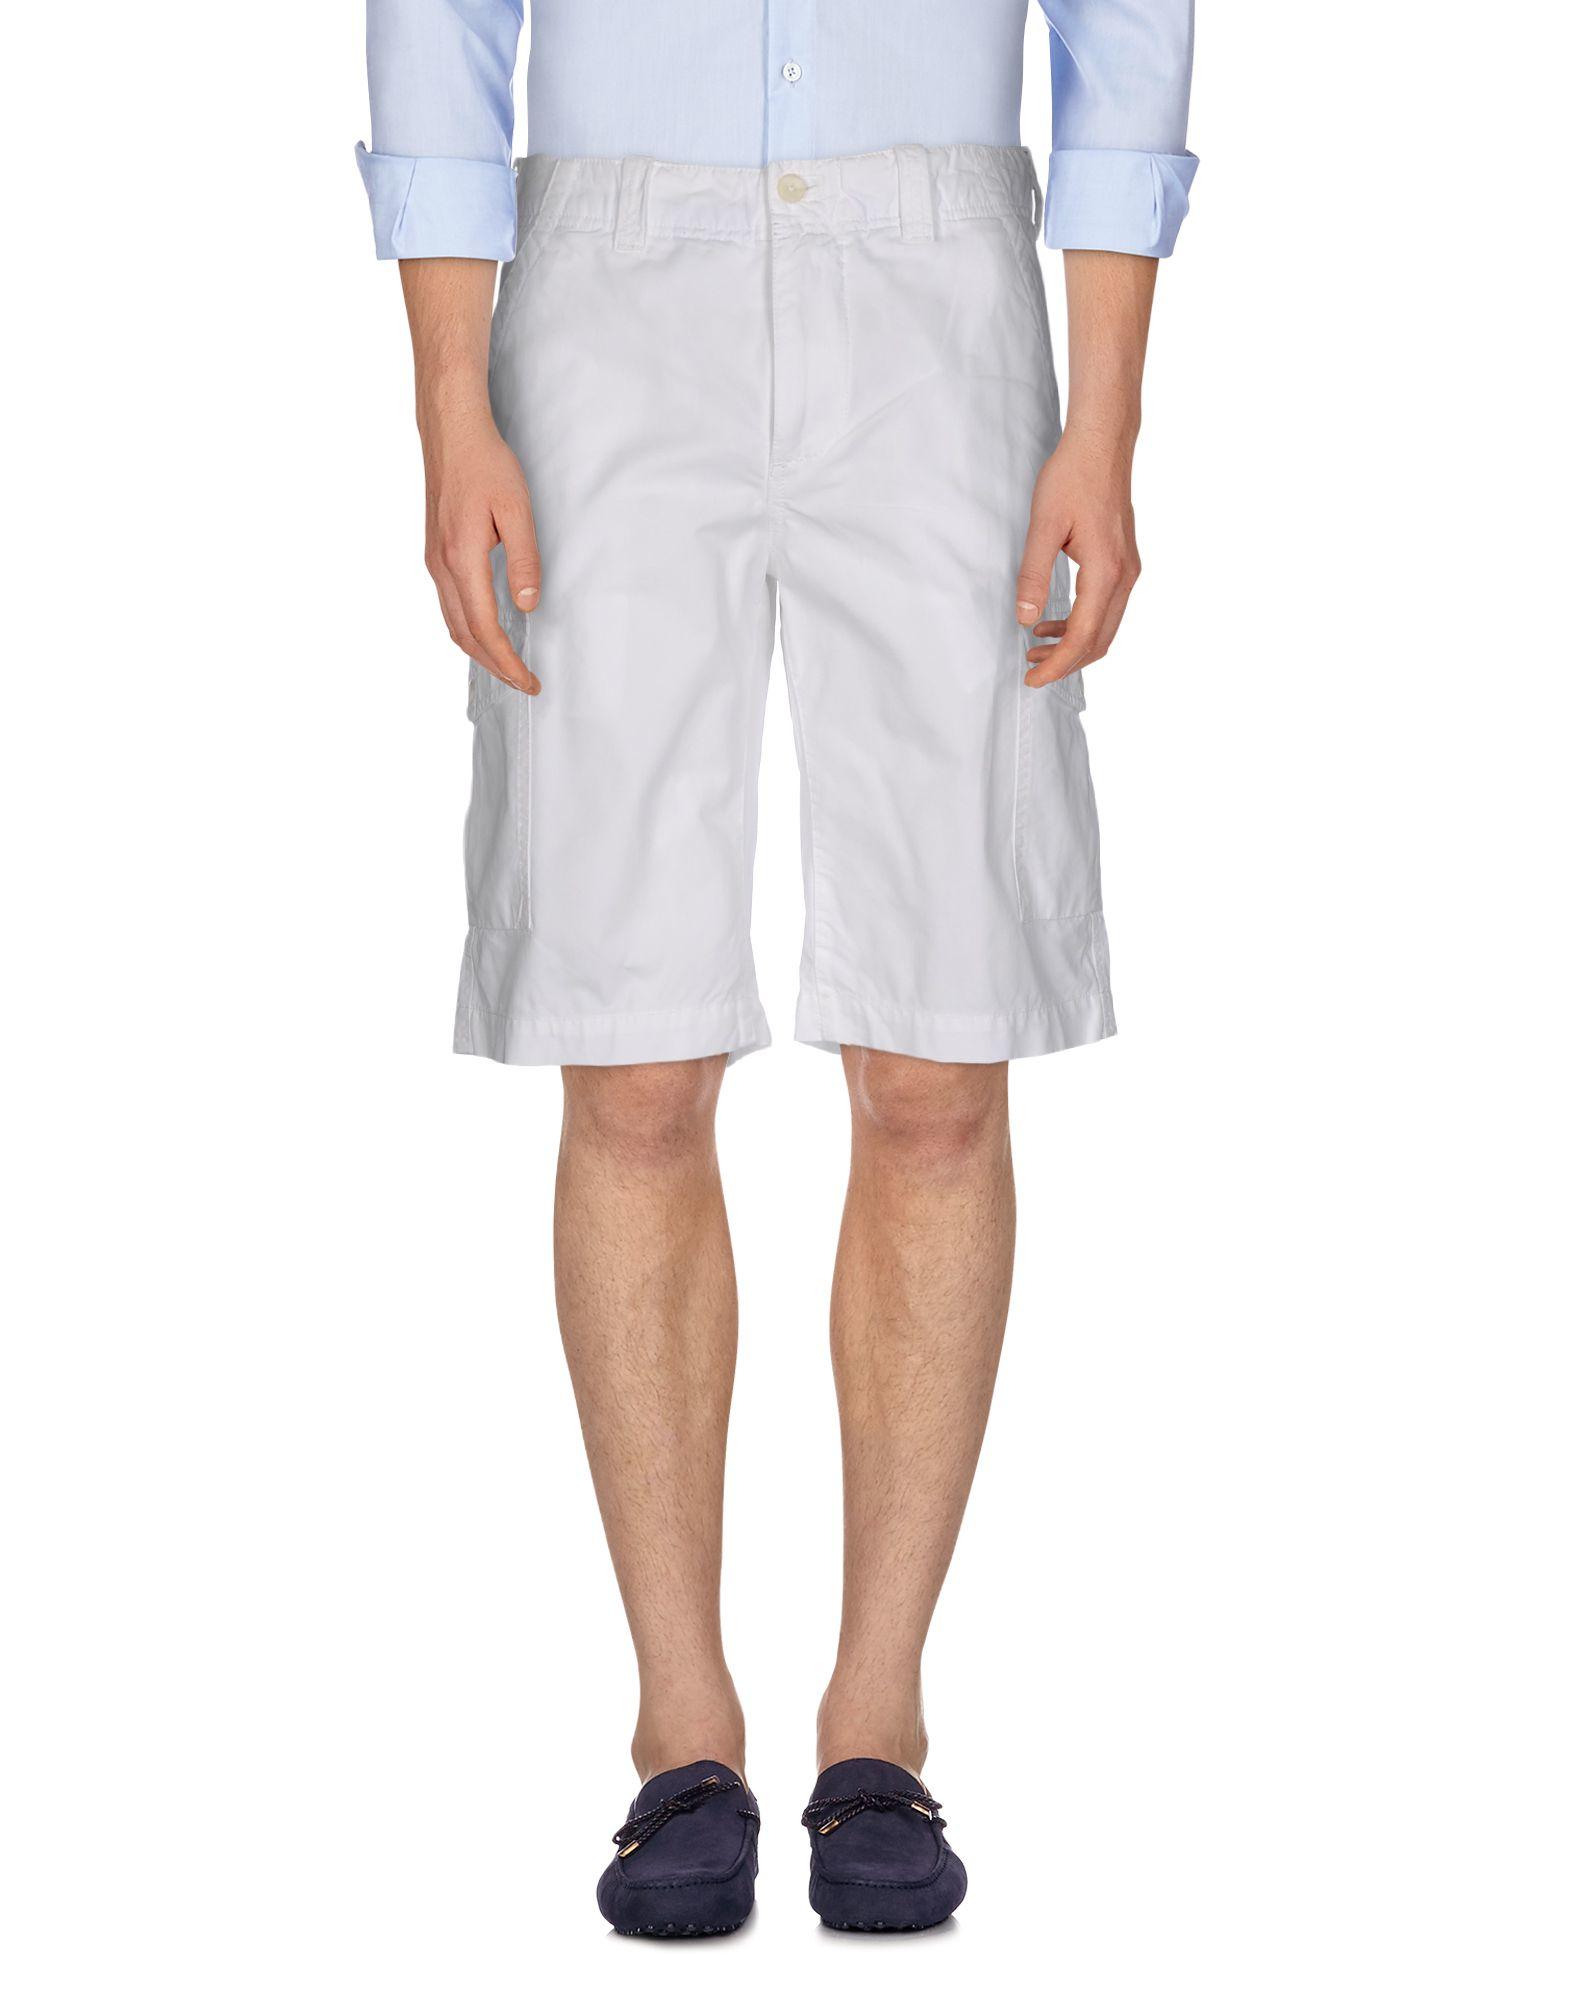 tommy hilfiger bermuda shorts in white for men lyst. Black Bedroom Furniture Sets. Home Design Ideas